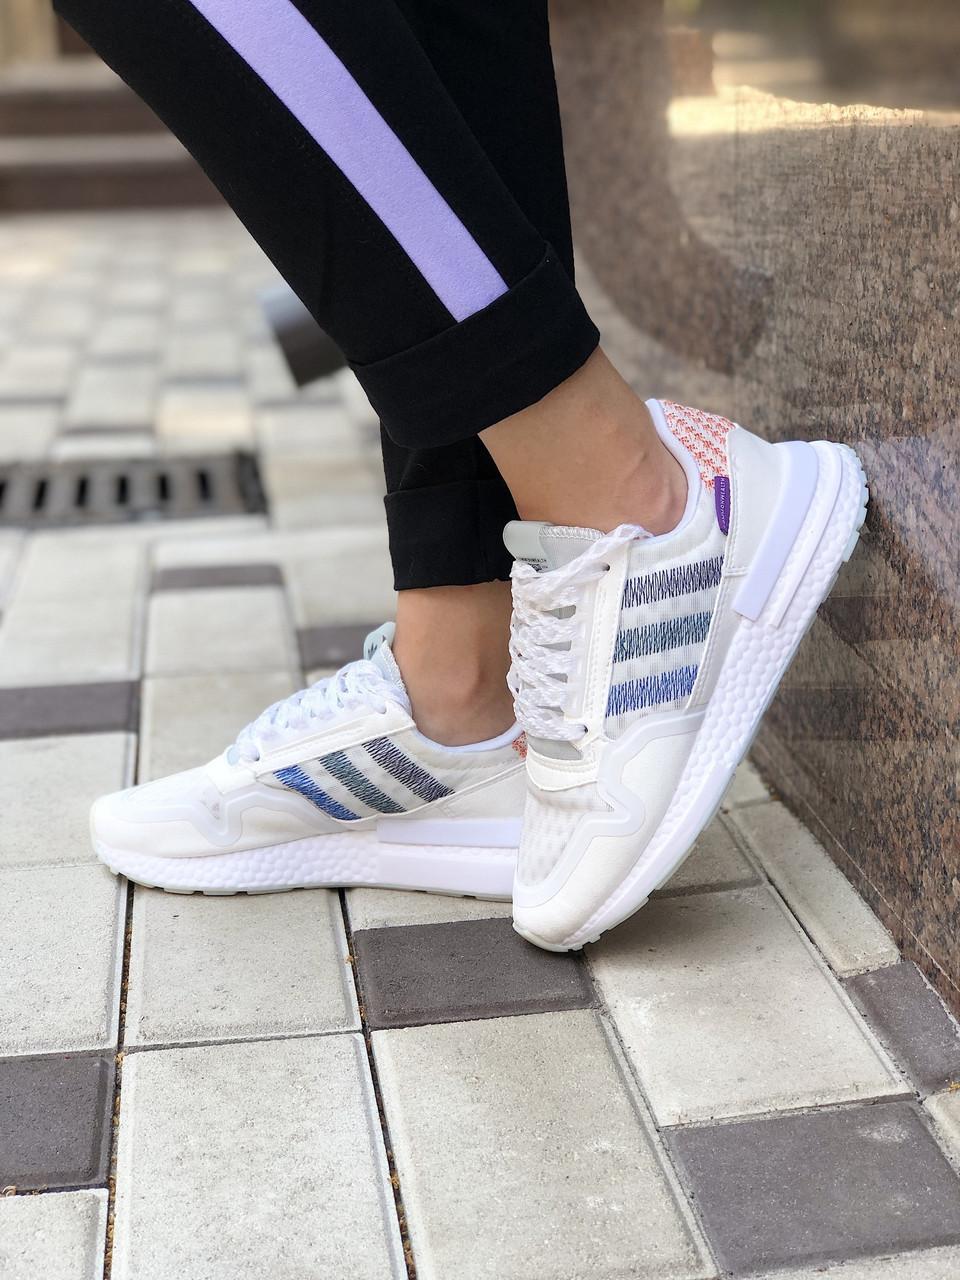 Кроссовки женские Adidas ZX 500 белые. Стильные женские кроссовки Адидас белого цвета.